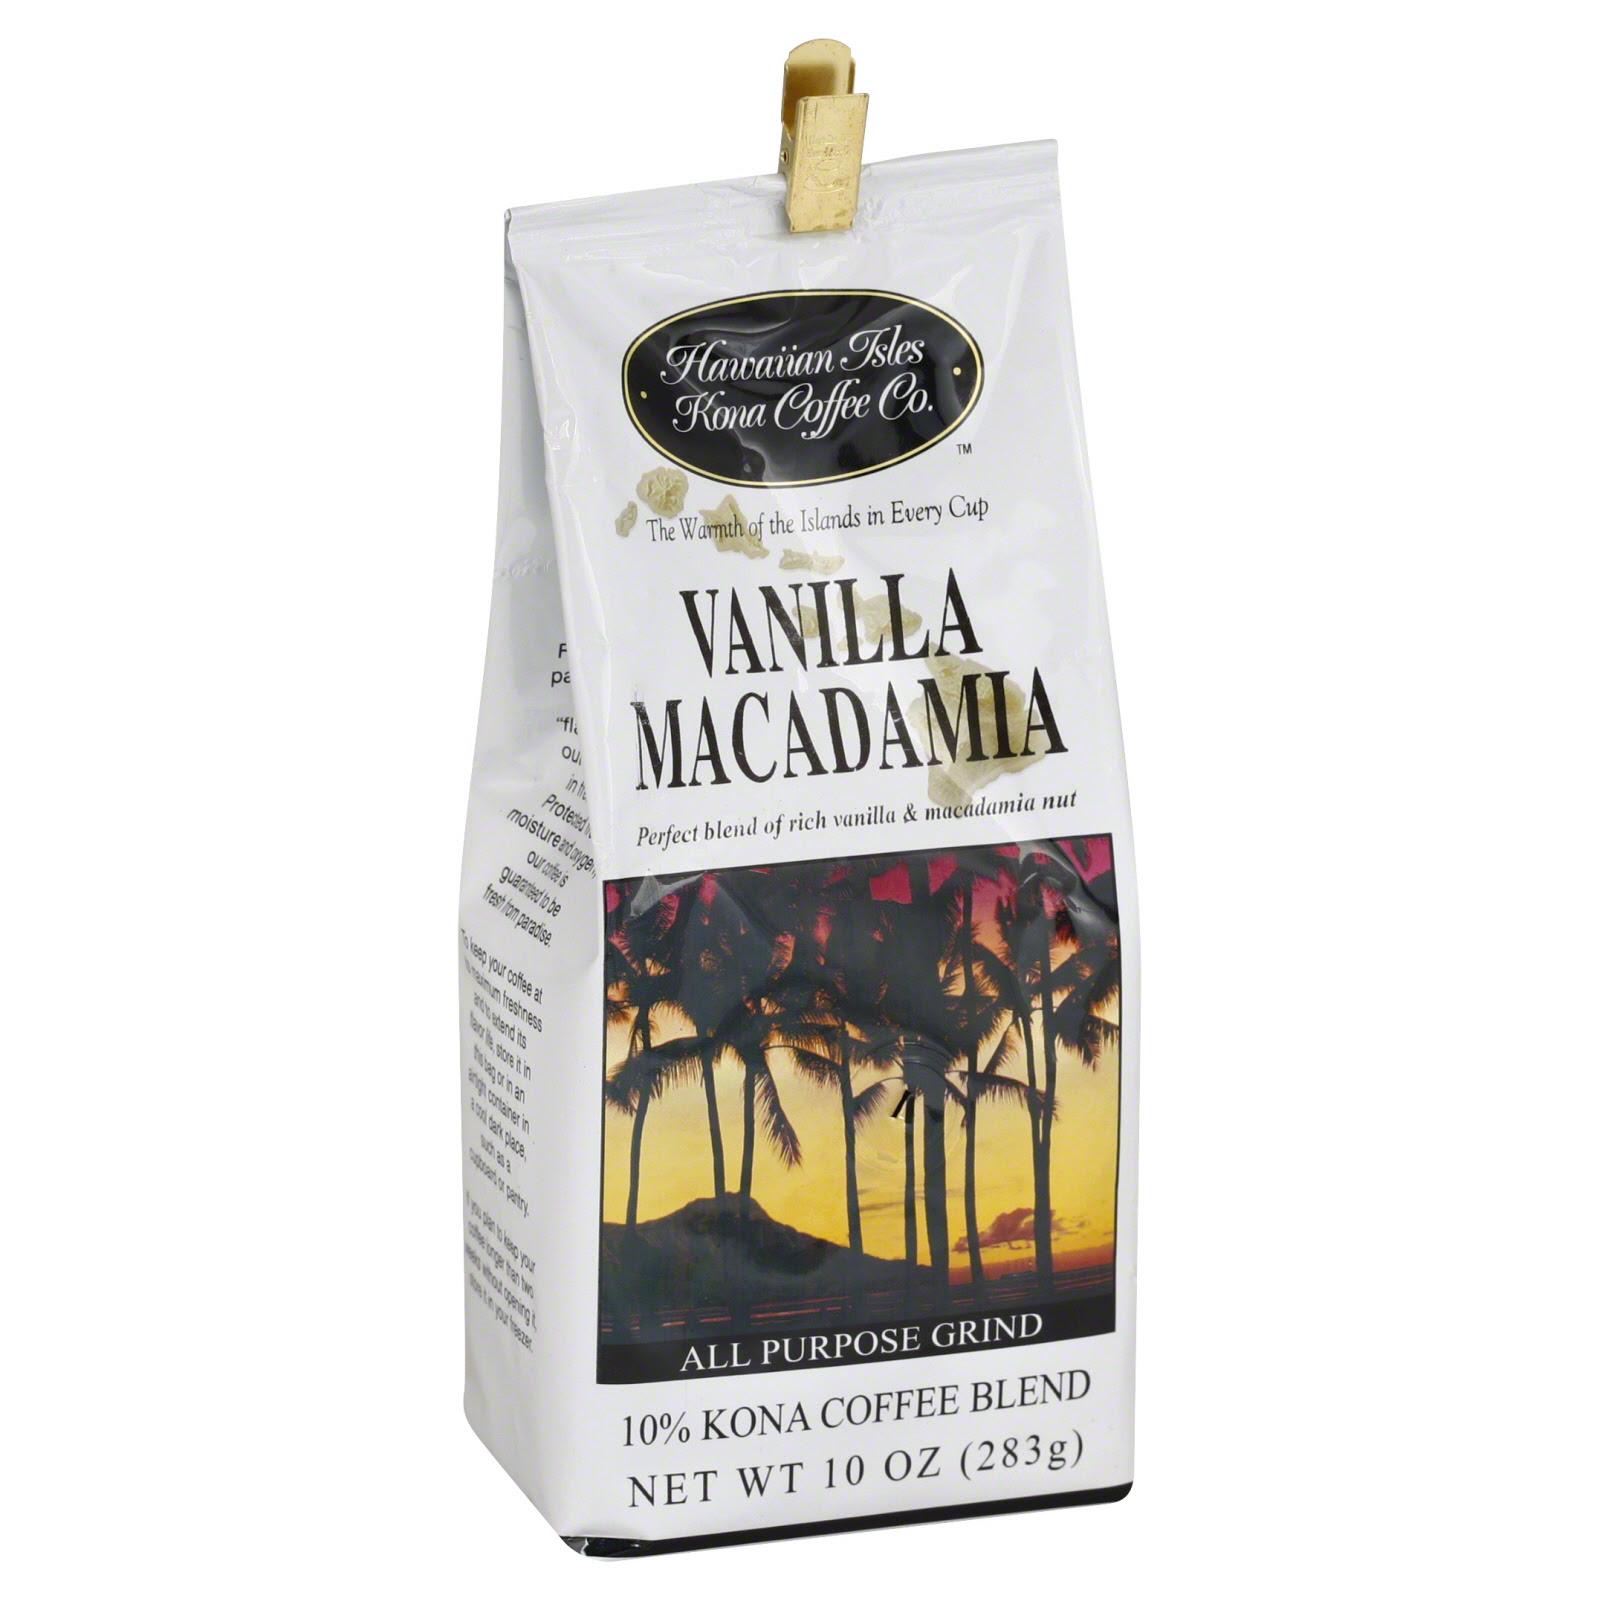 Hawaiian Isles Coffee, All Purpose Grind, 10% Kona Coffee Blend, Vanilla Macadamia, 10 oz (283 g ...